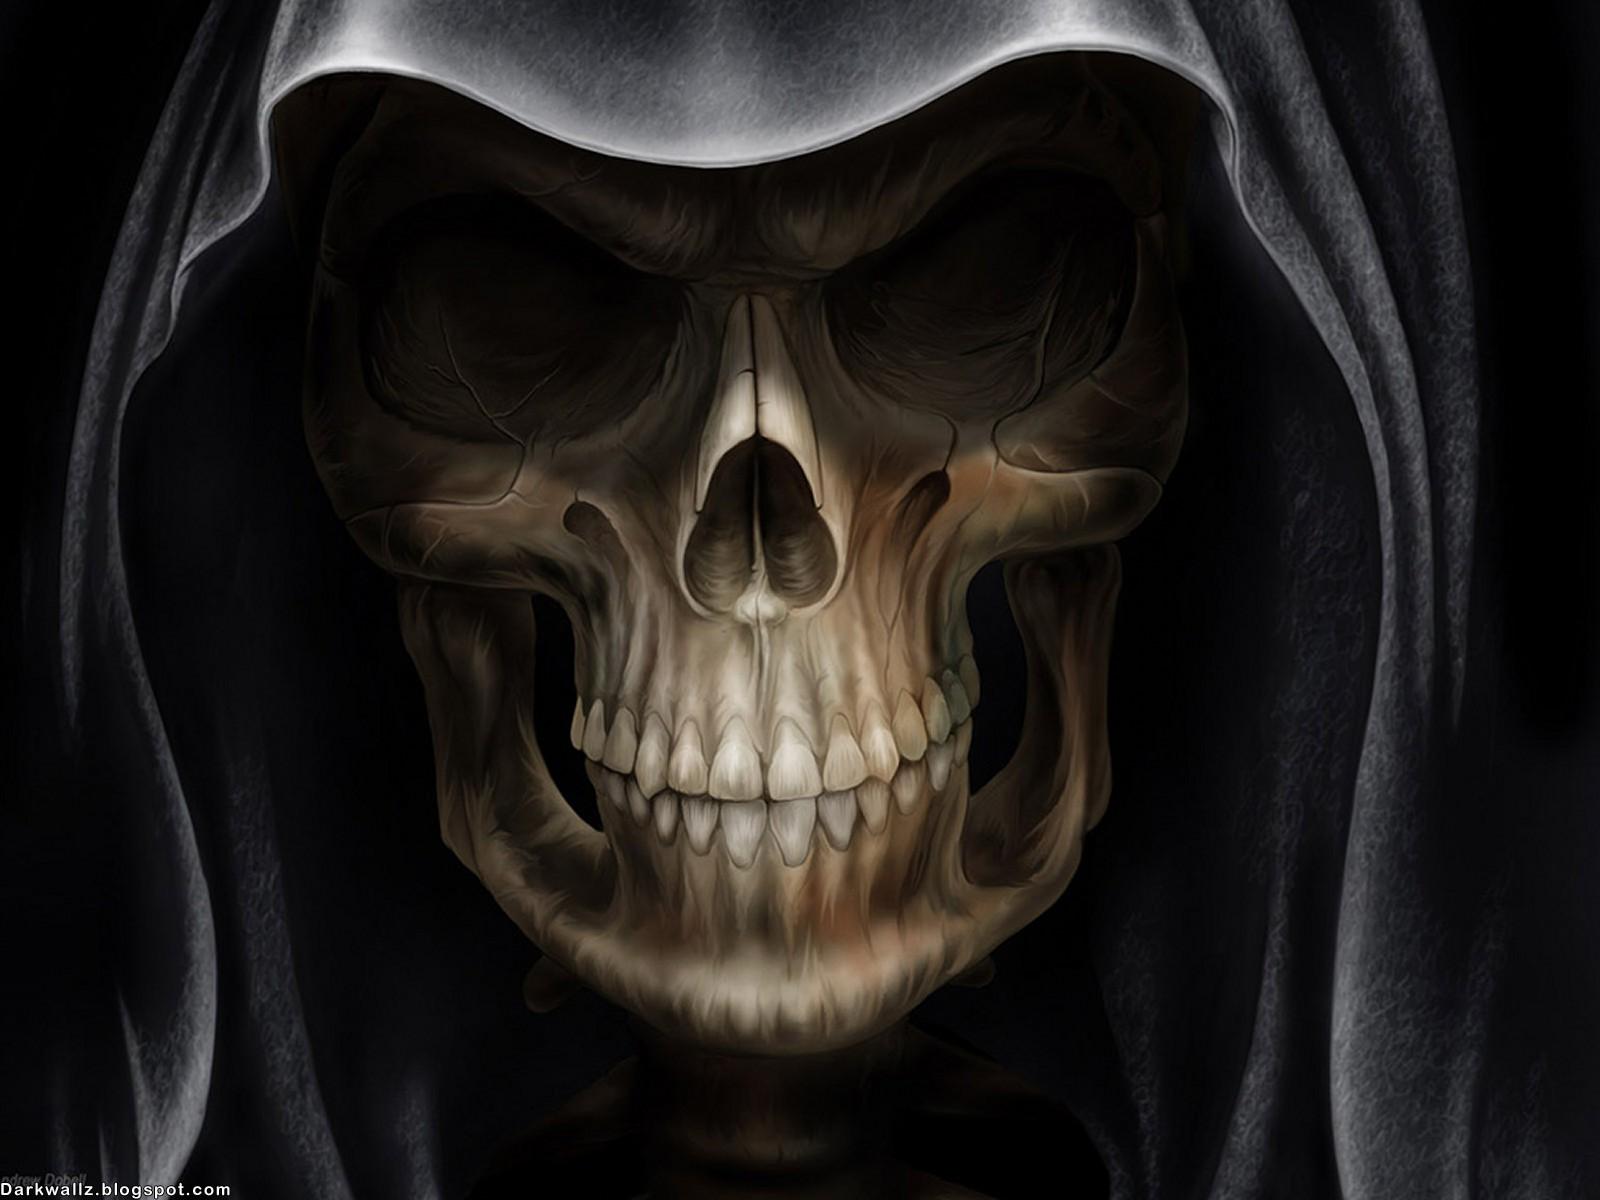 Skulls Wallpapers 80 | Dark Wallpaper Download